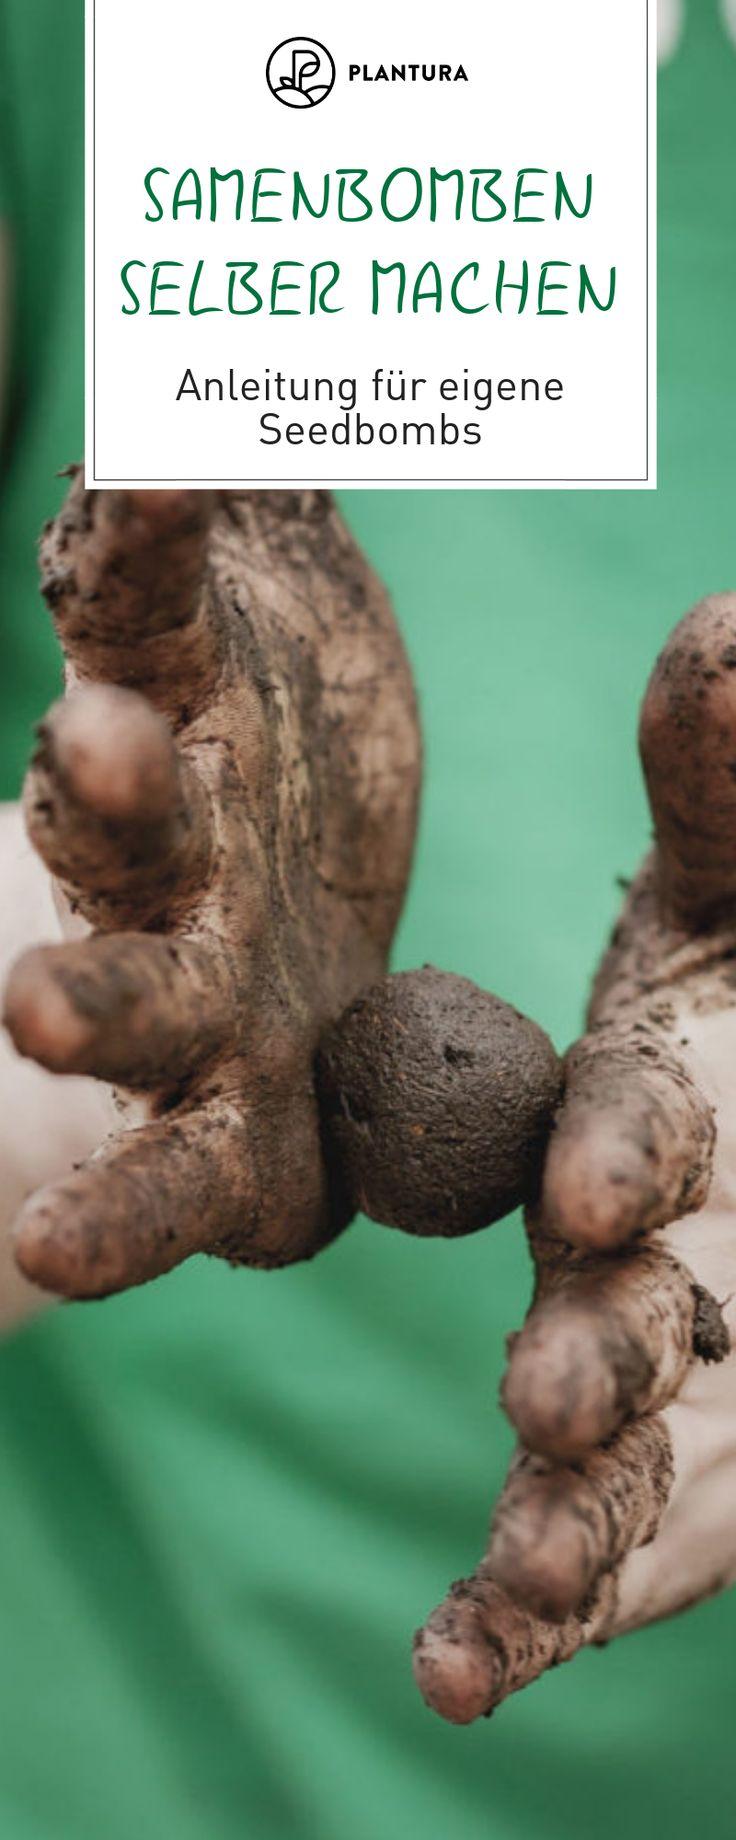 Samenbomben selber machen: Anleitung für eigene Seedbombs